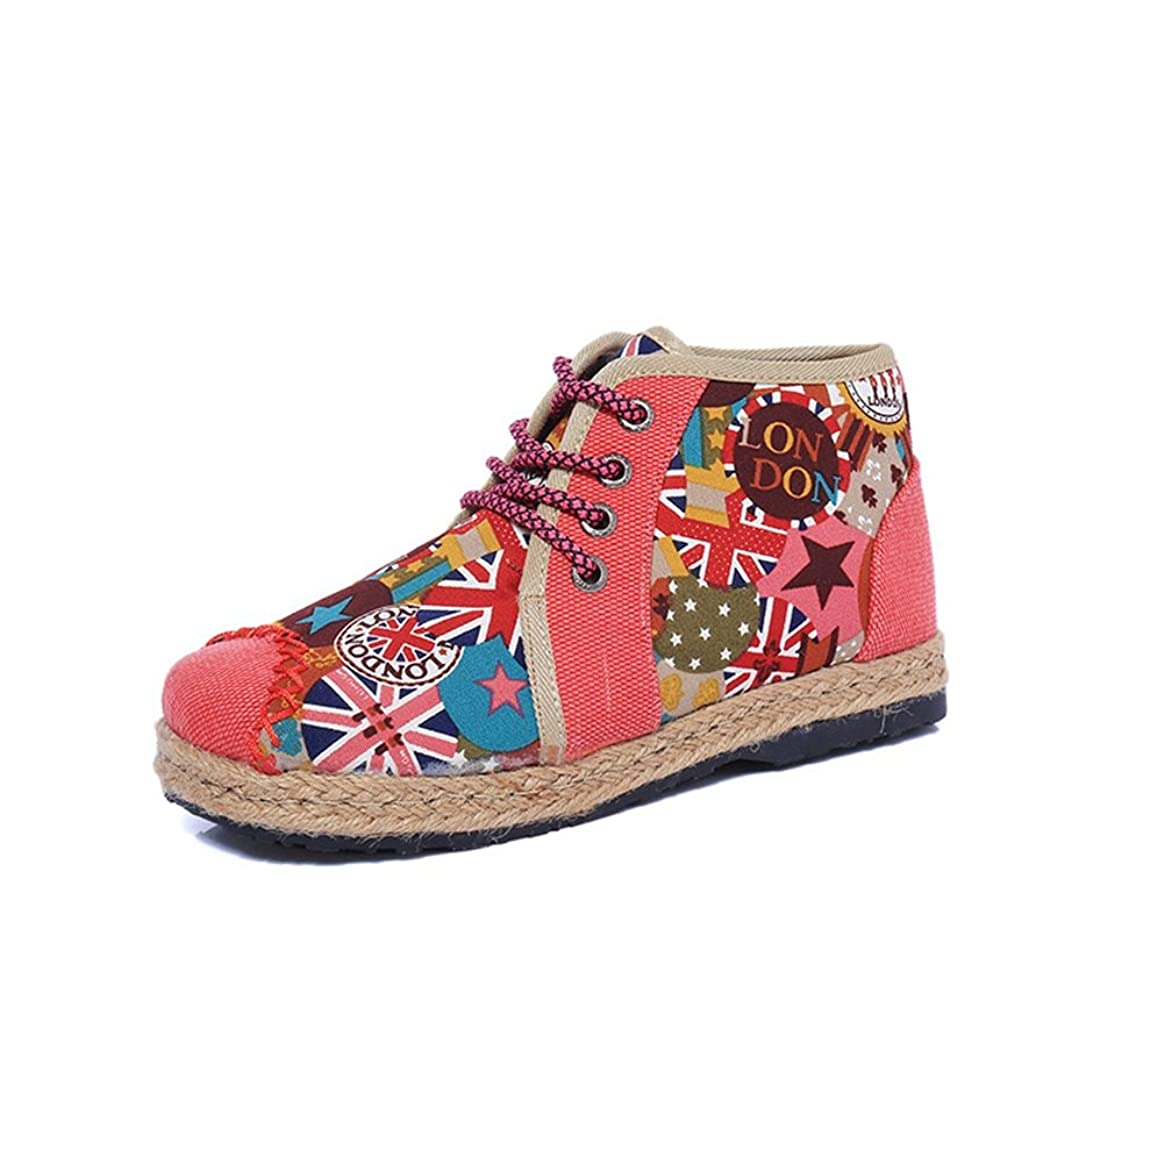 初期のフレアむしゃむしゃ[XINXIKEJI] ハイカットシューズ レディース シンプル 北京靴 オシャレ エスニック 歩きやすい 通気性 ボア付き コンフォートシューズ 6色